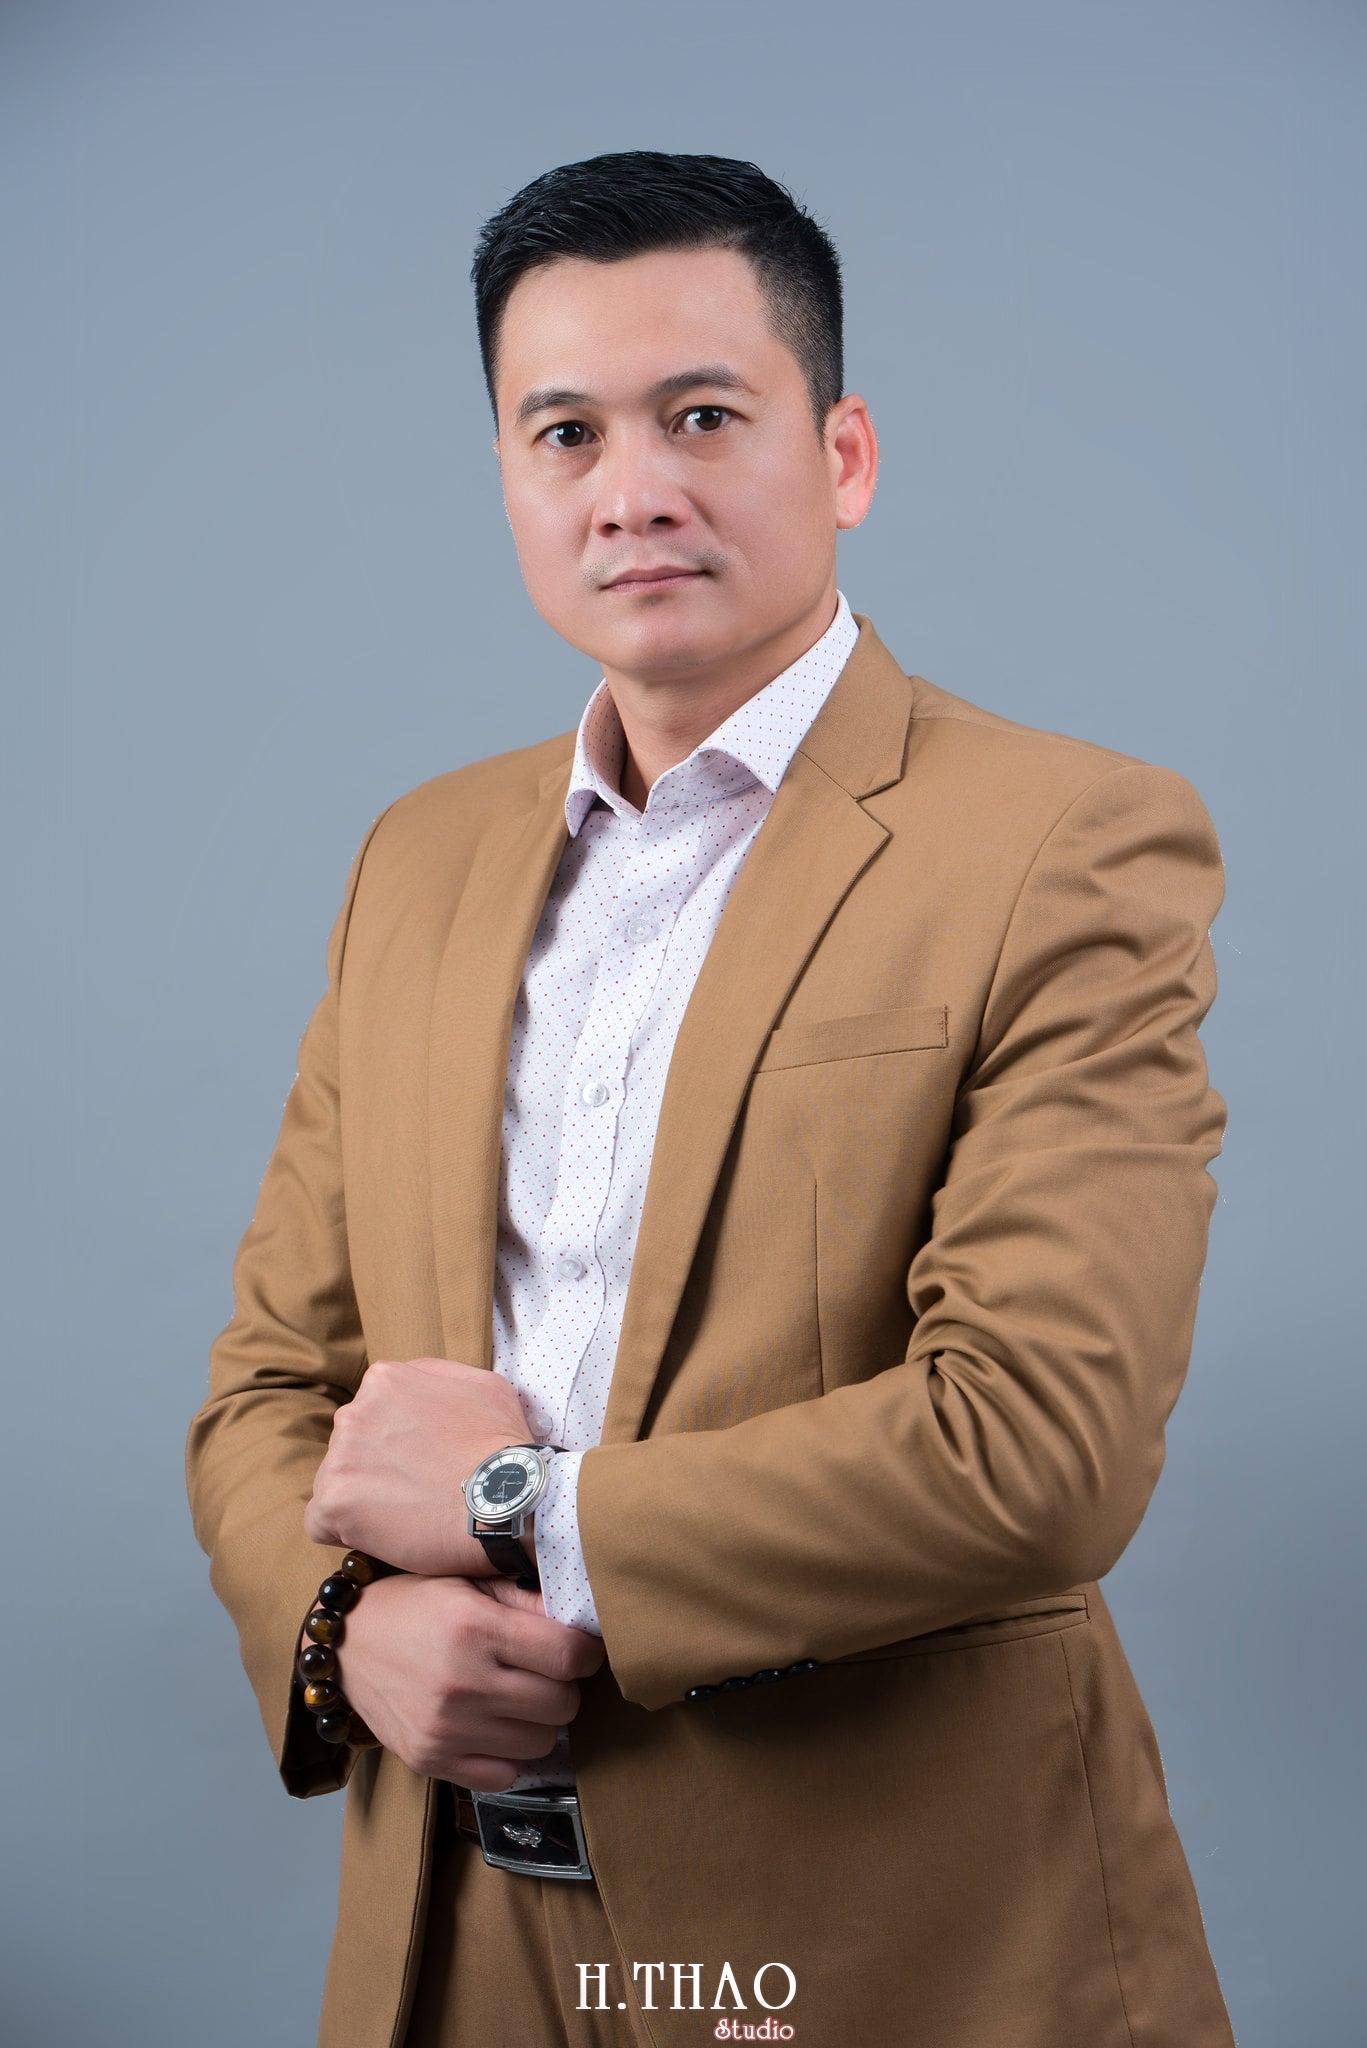 nh doanh nhân - Album ảnh chuẩn phong cách doanh nhân Hưng Nguyễn - HThao Studio